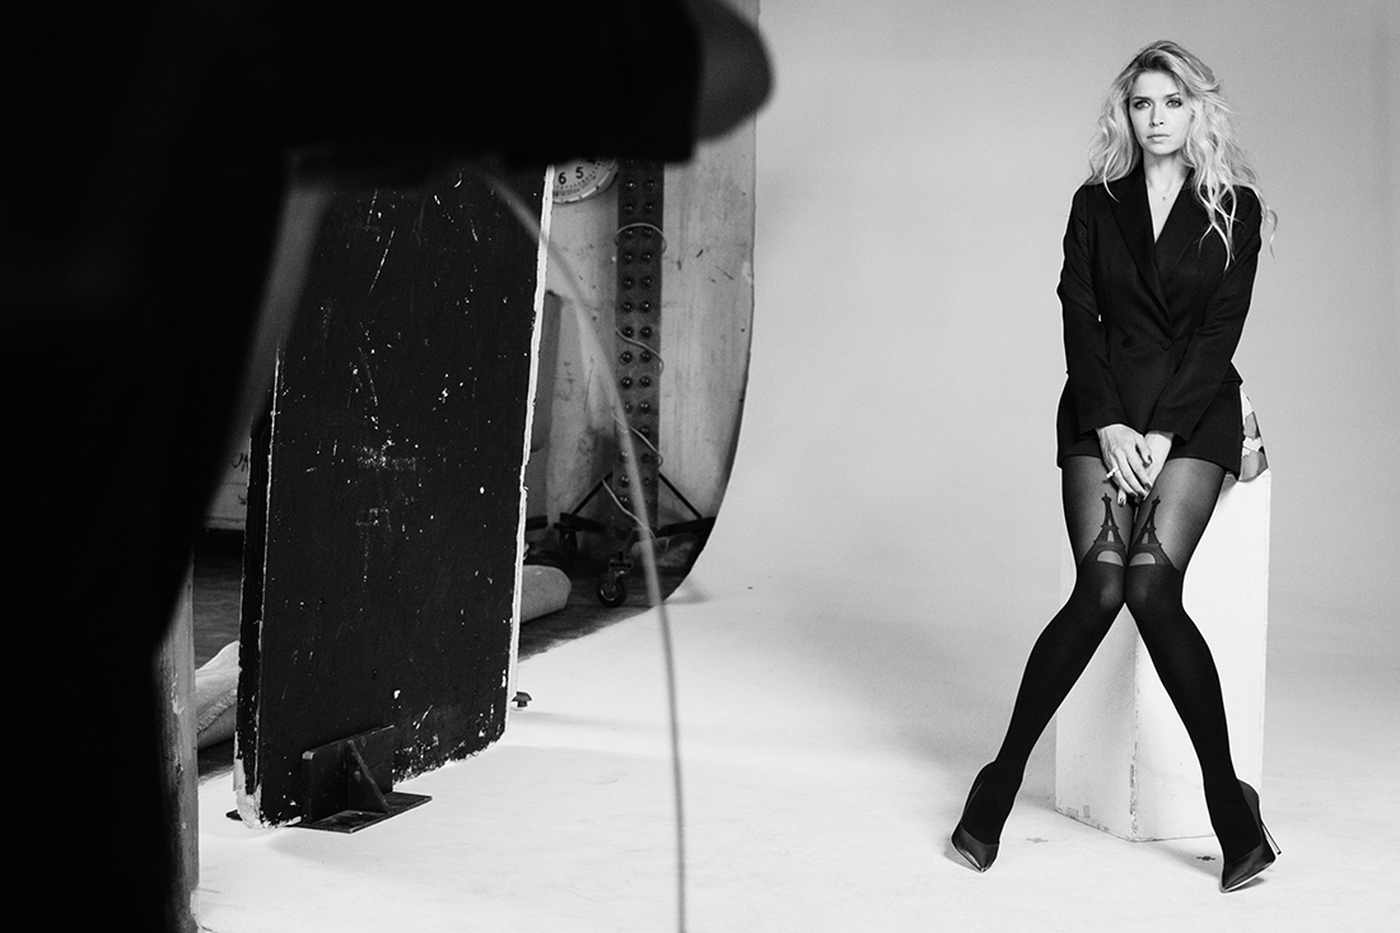 Вера Брежнева стала лицом итальянского бренда: рекламная фотосессия топлес - фото №4